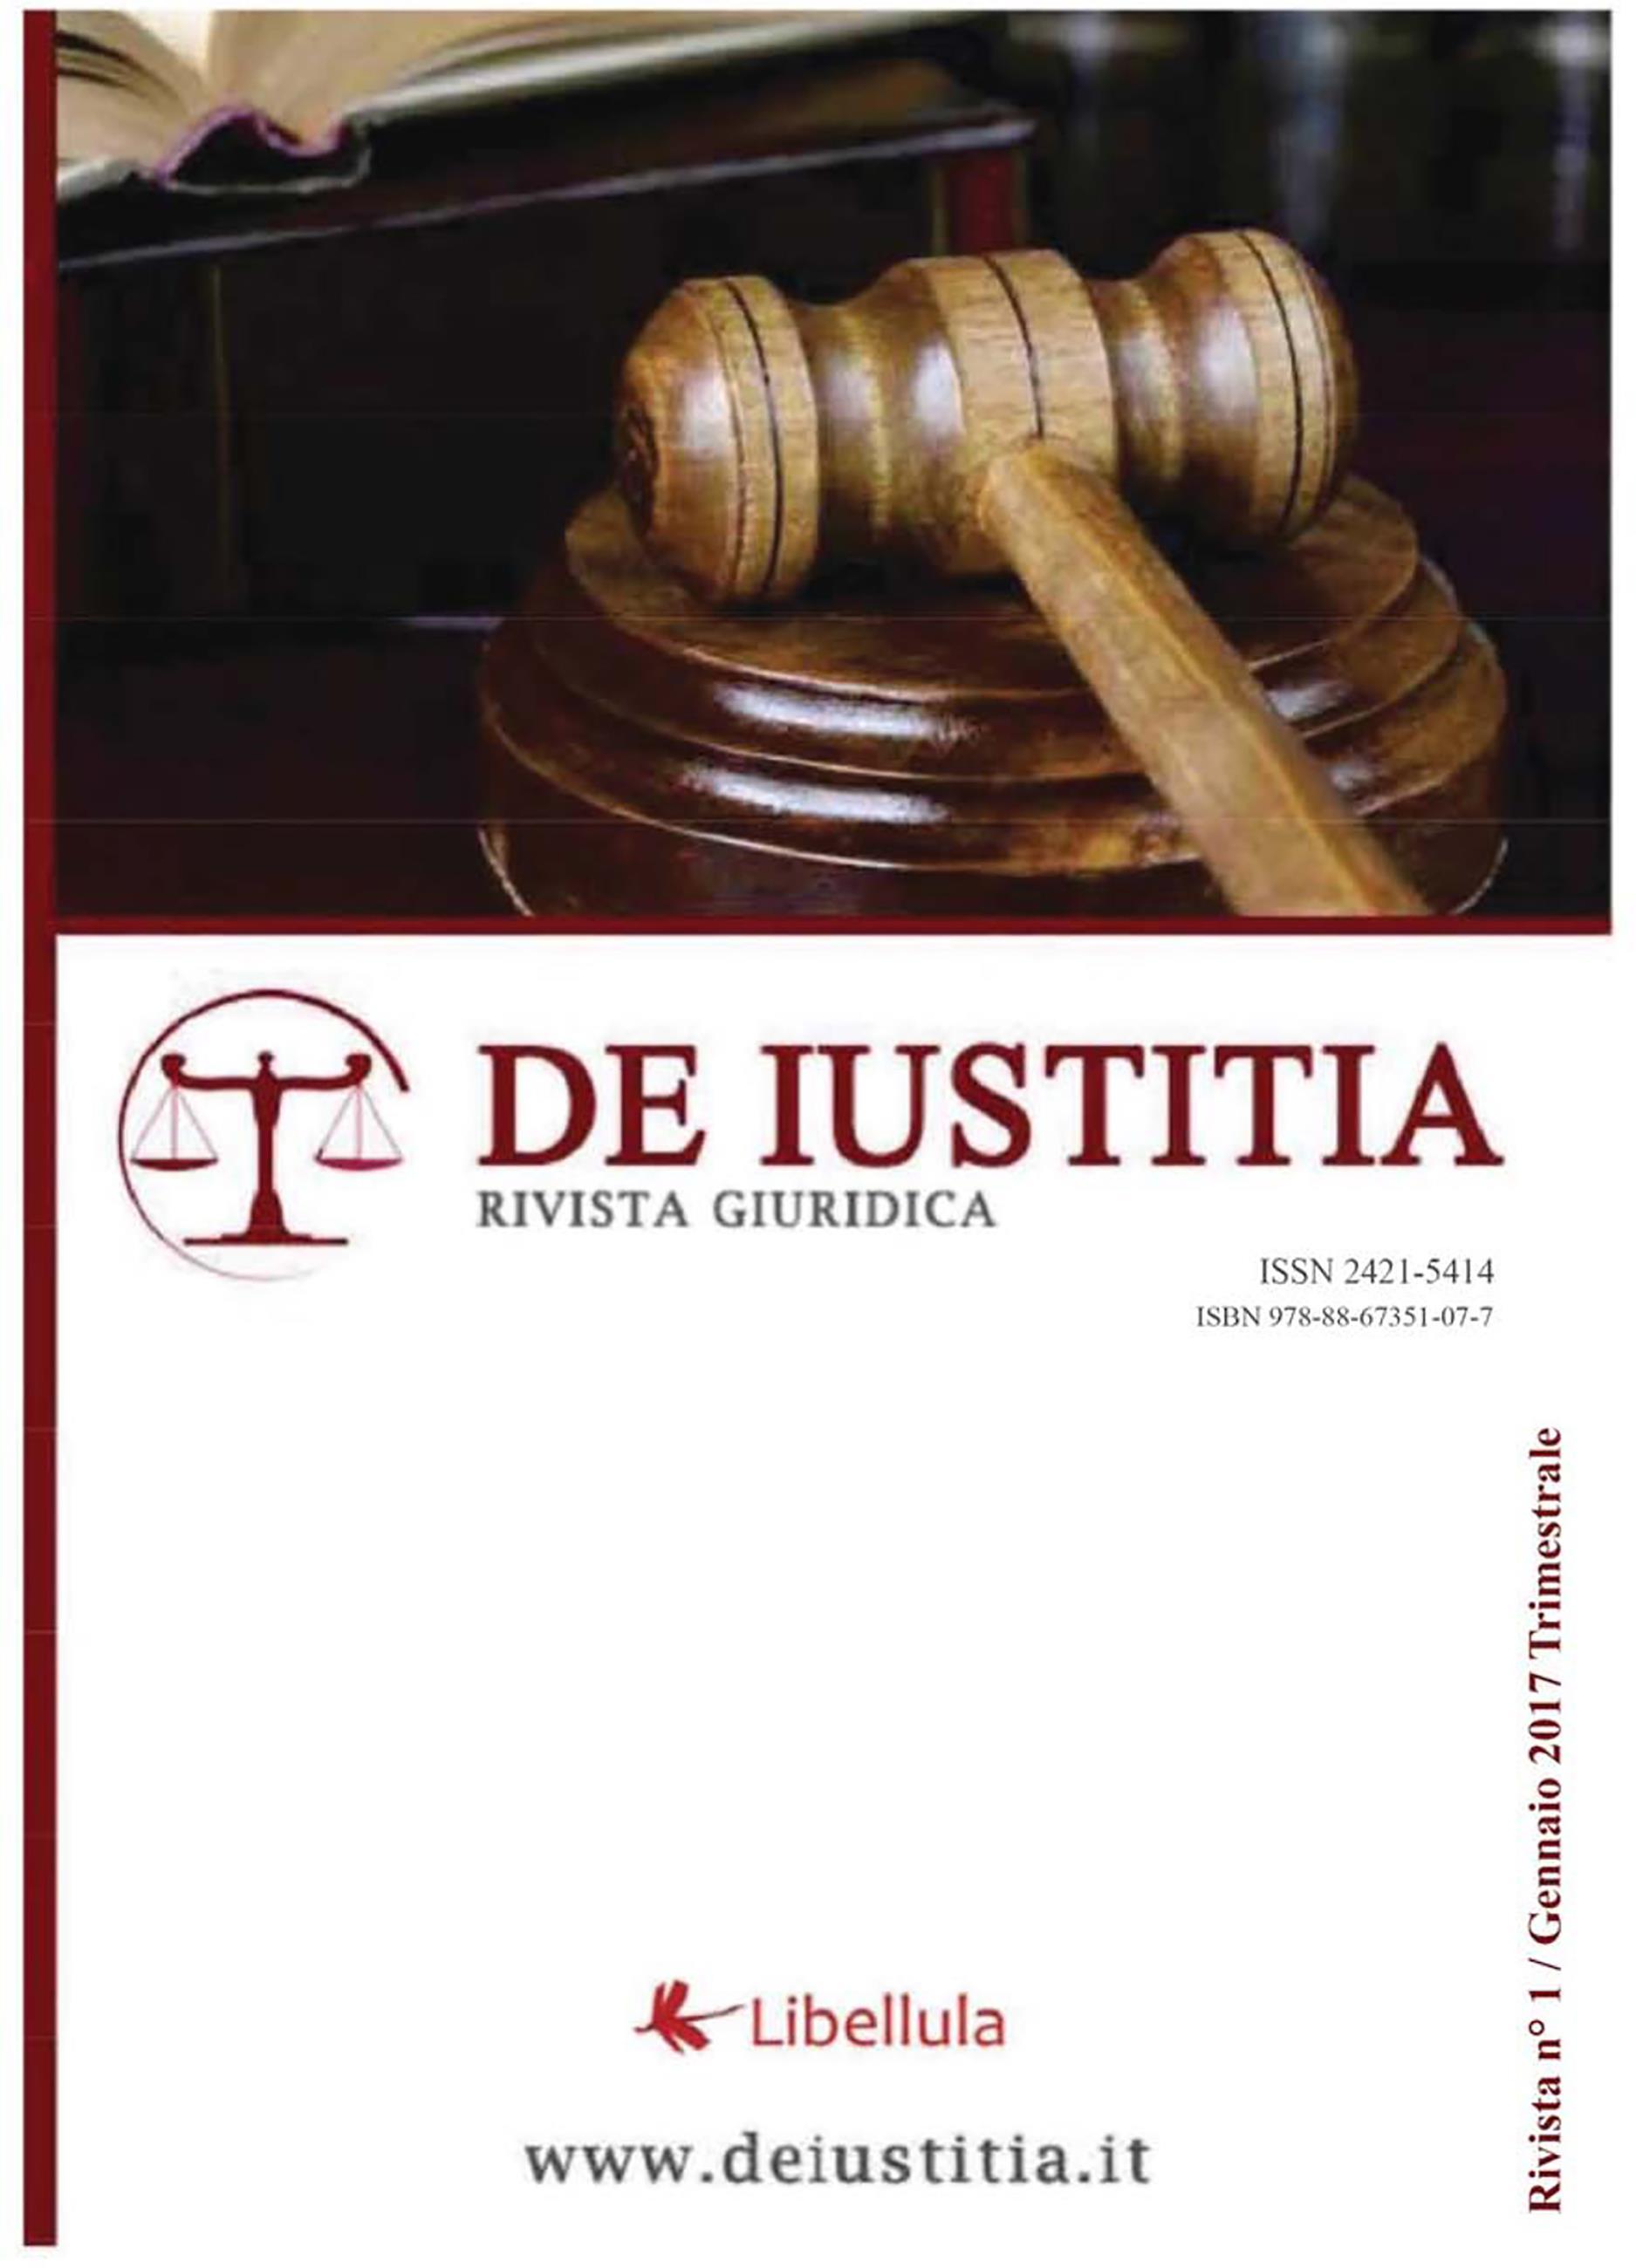 De Iustitia - Rivista di informazione giuridica - N. 1 Gennaio 2017